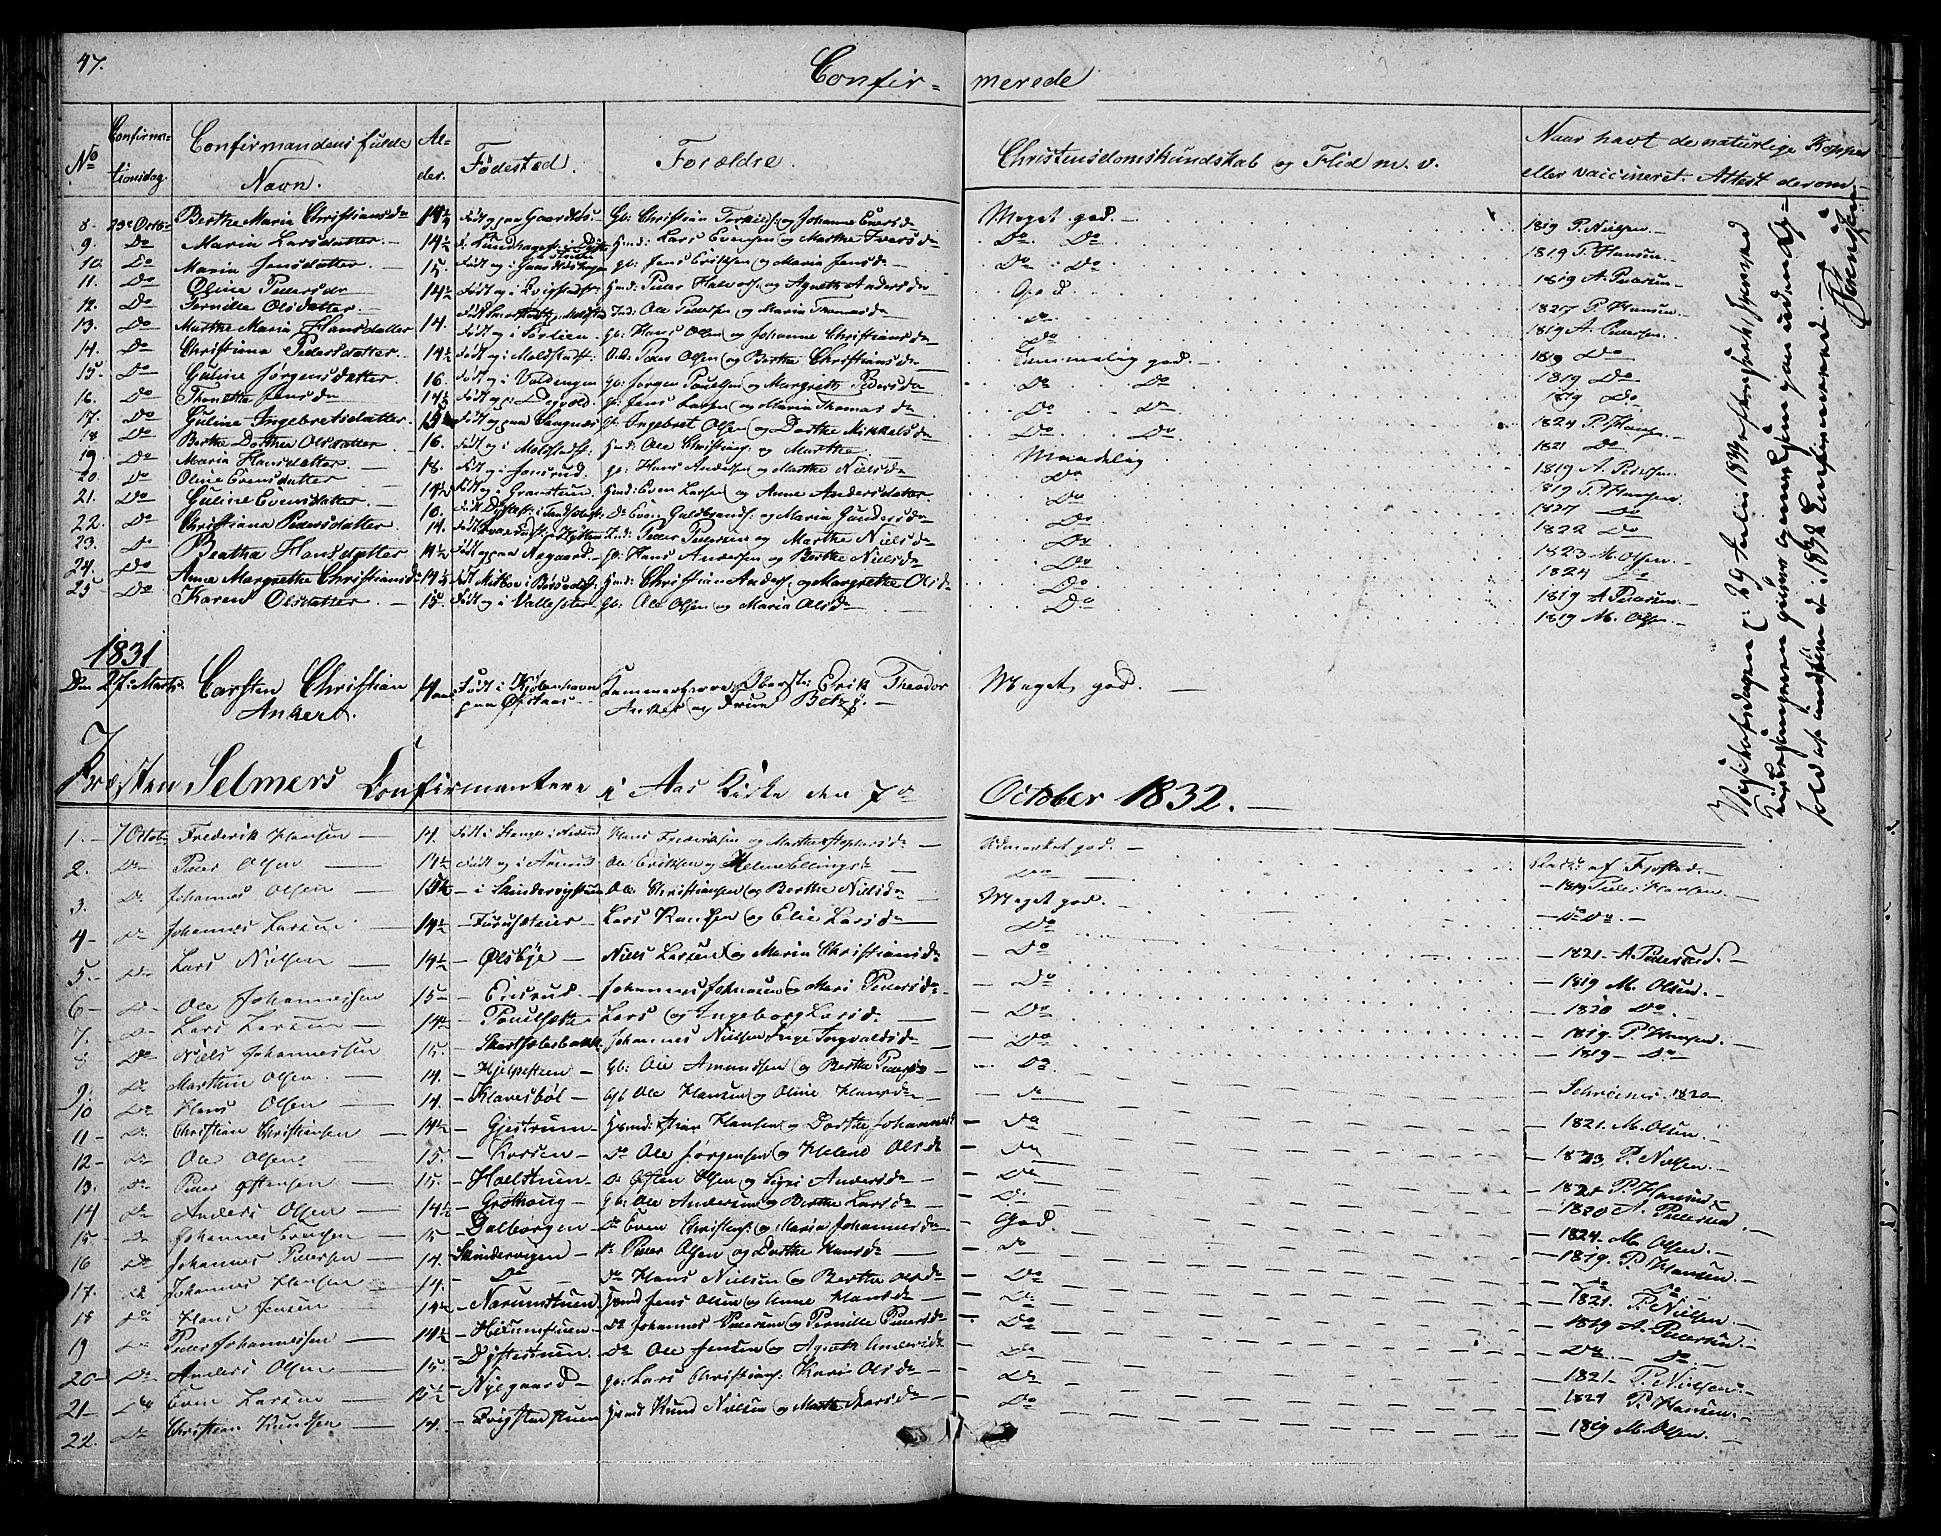 SAH, Vestre Toten prestekontor, H/Ha/Hab/L0001: Klokkerbok nr. 1, 1830-1836, s. 47